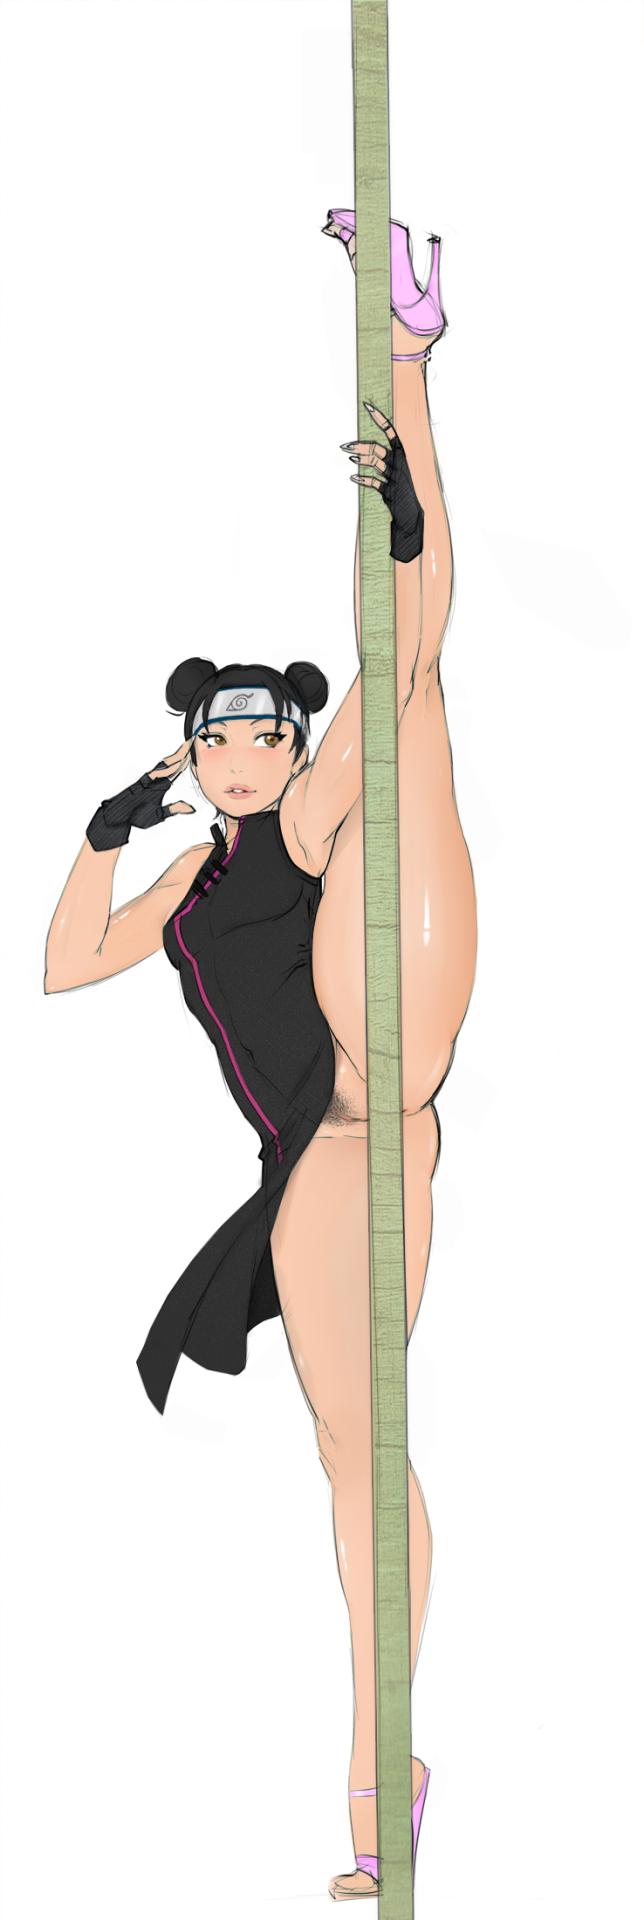 Muscle Girl Rule 34